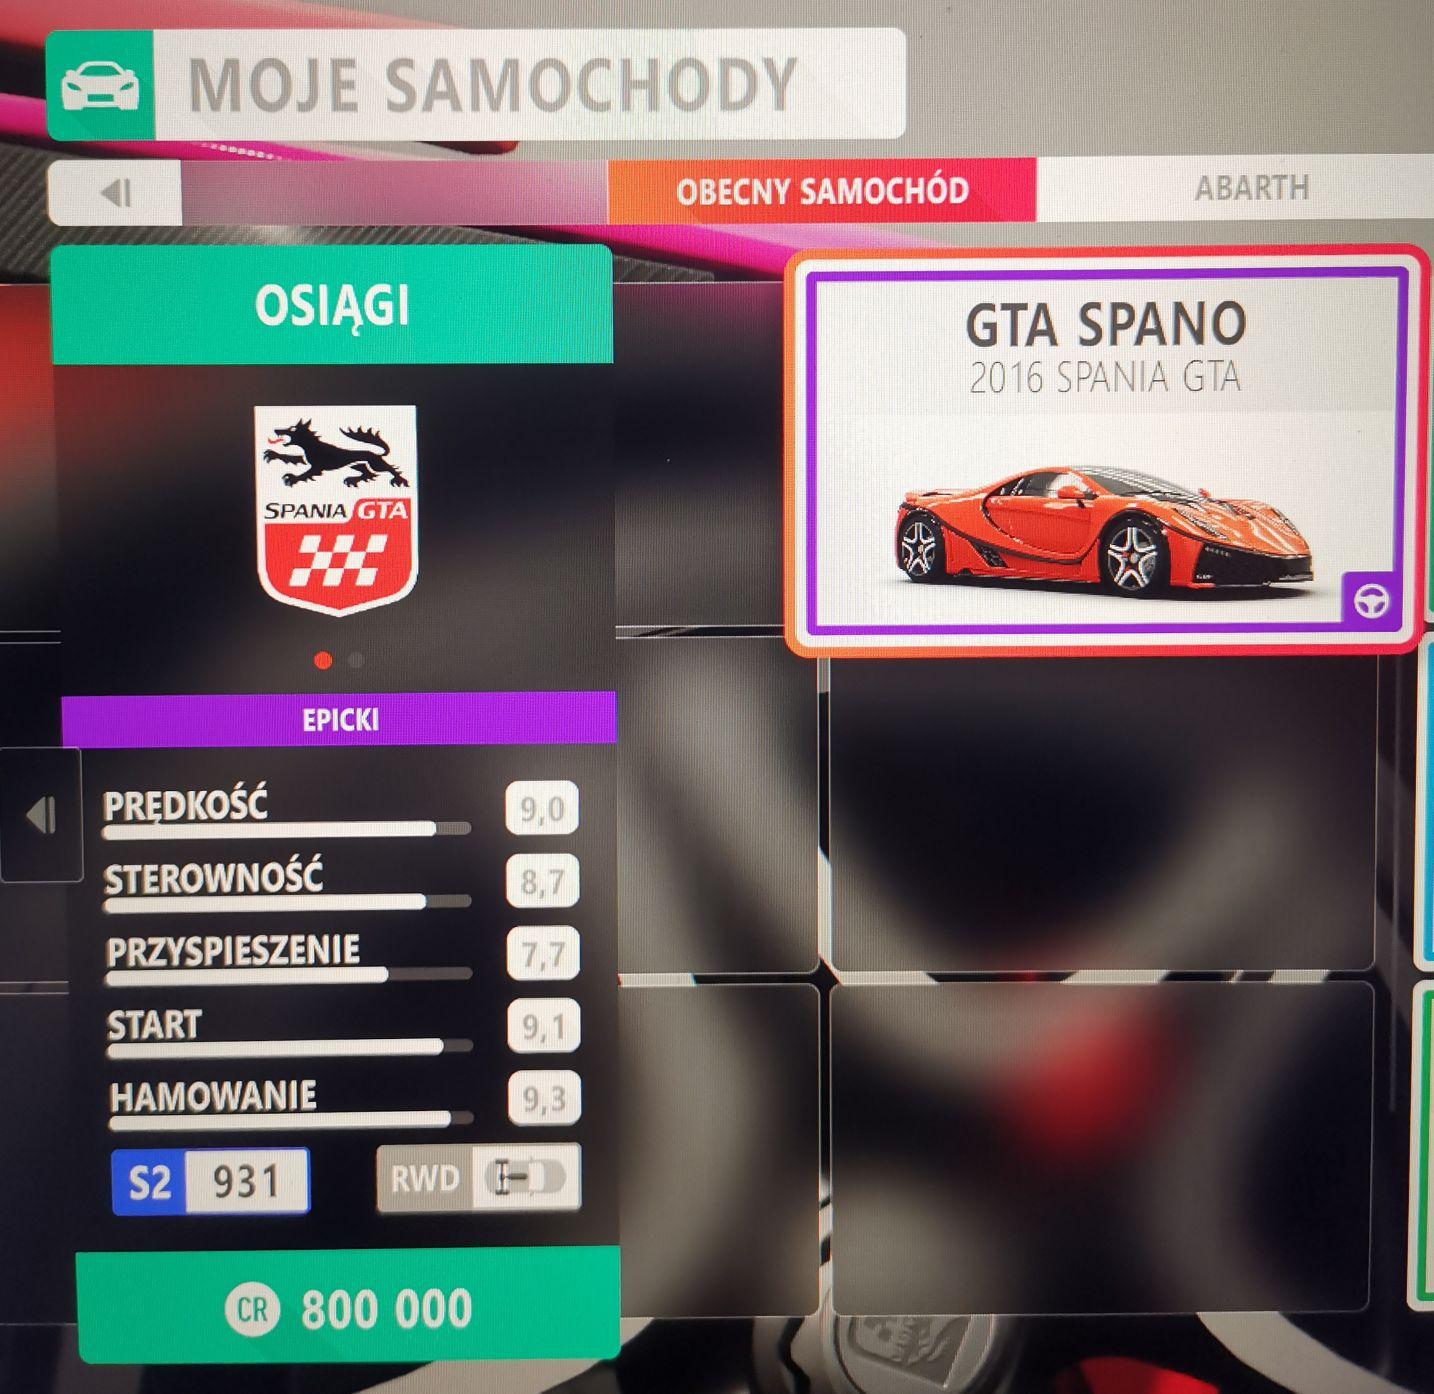 Prezent w grze Forza Horizon 4 - GTA Spania 2016